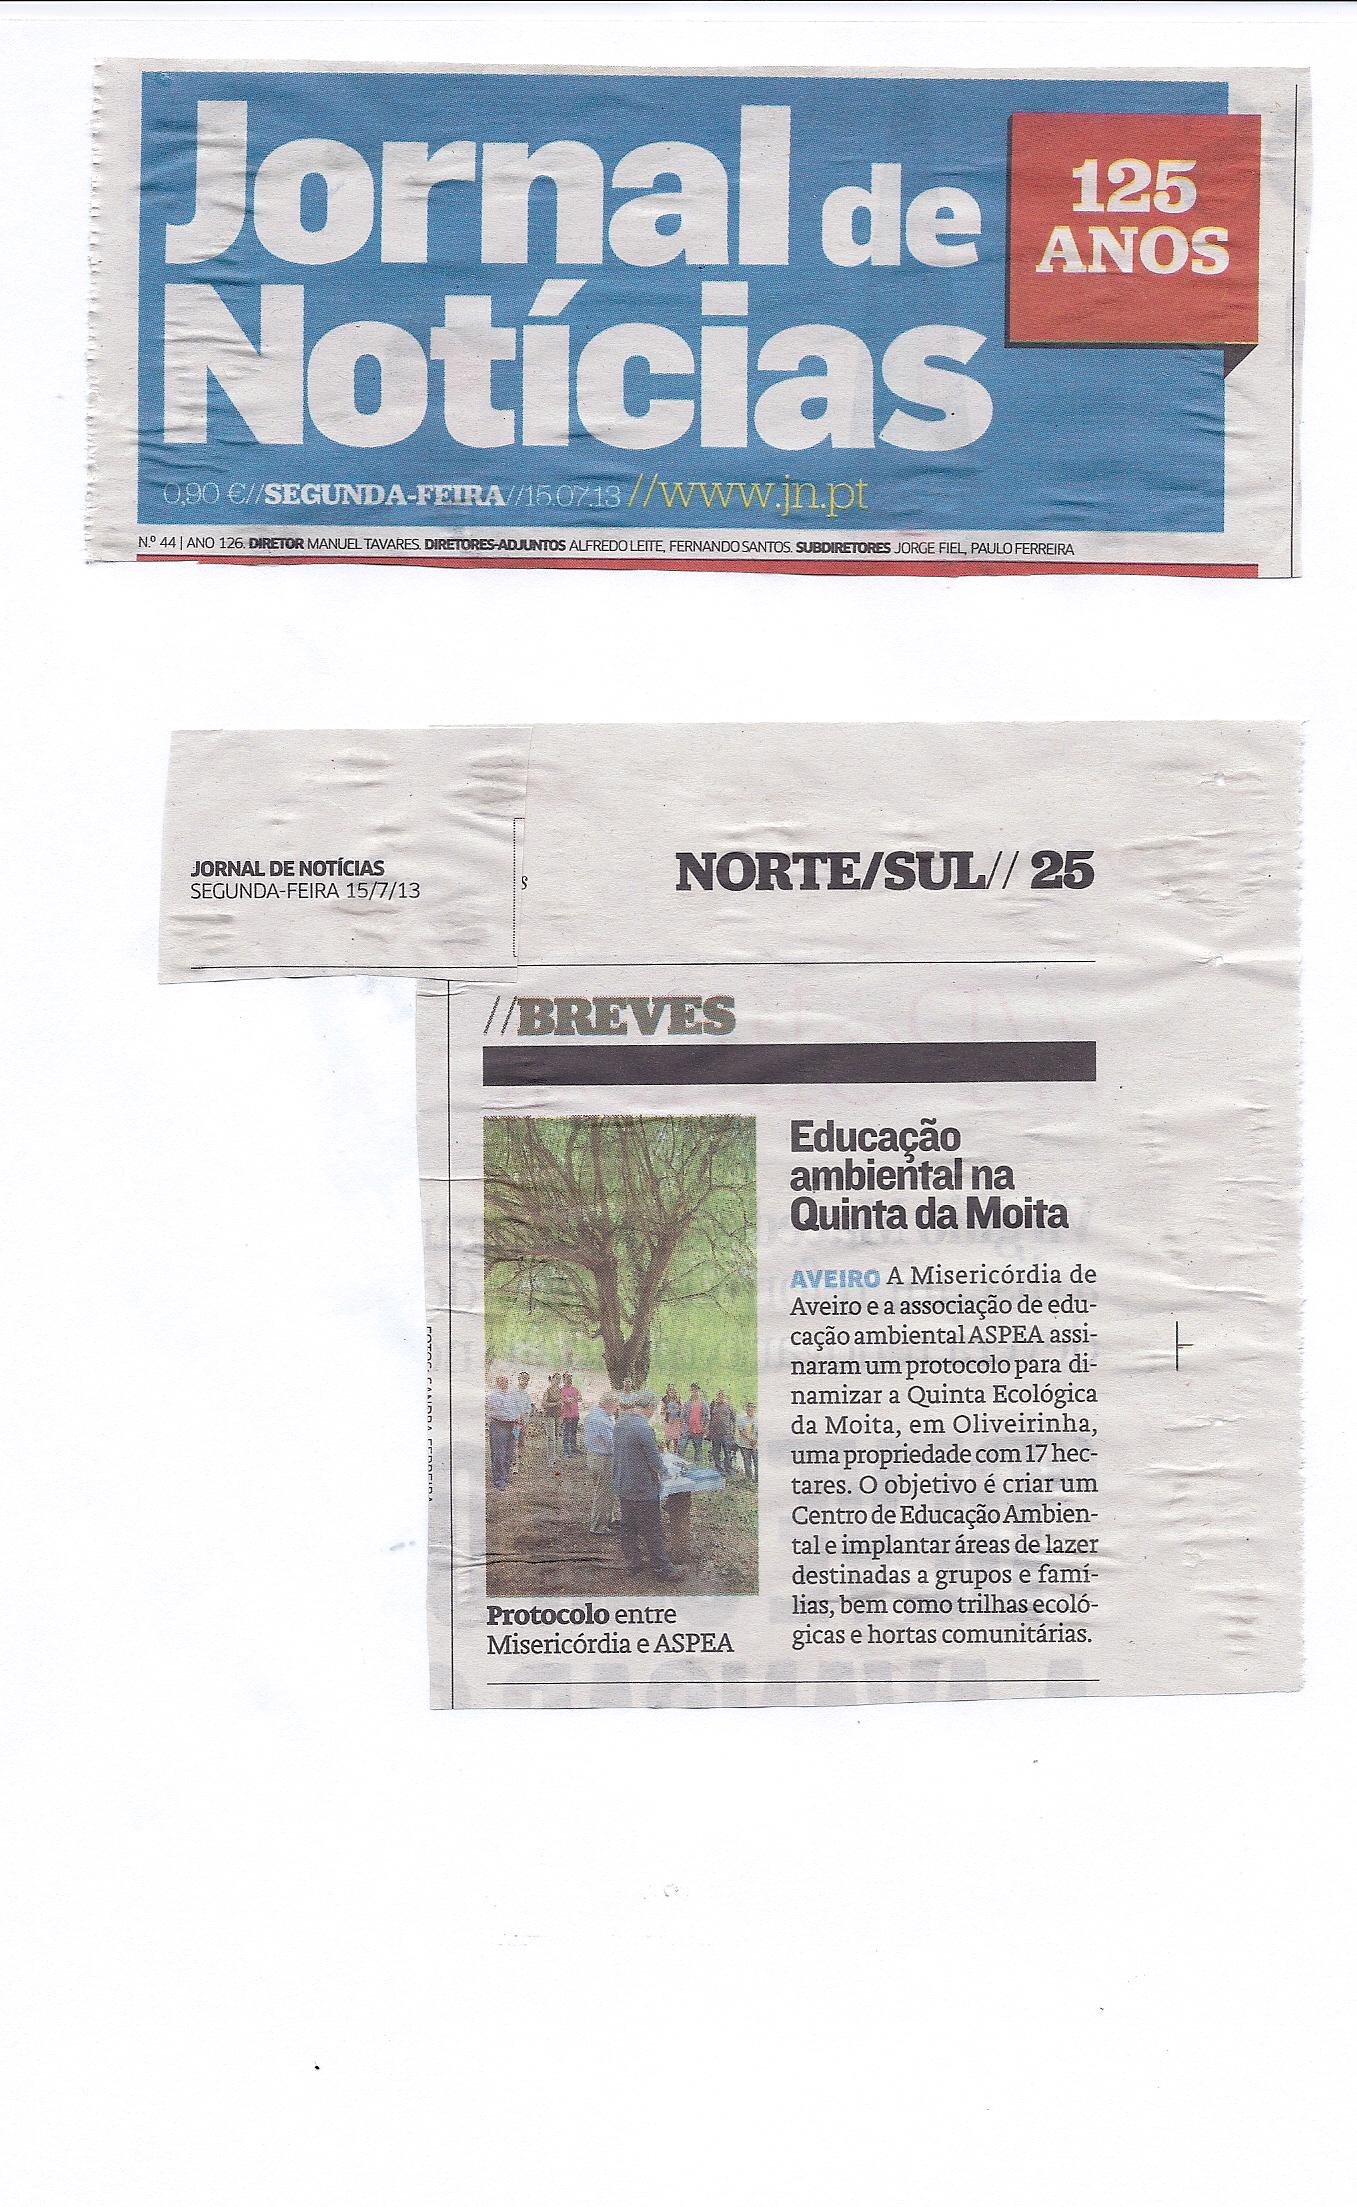 2013-07-15 Noticia JN Mata da Moita